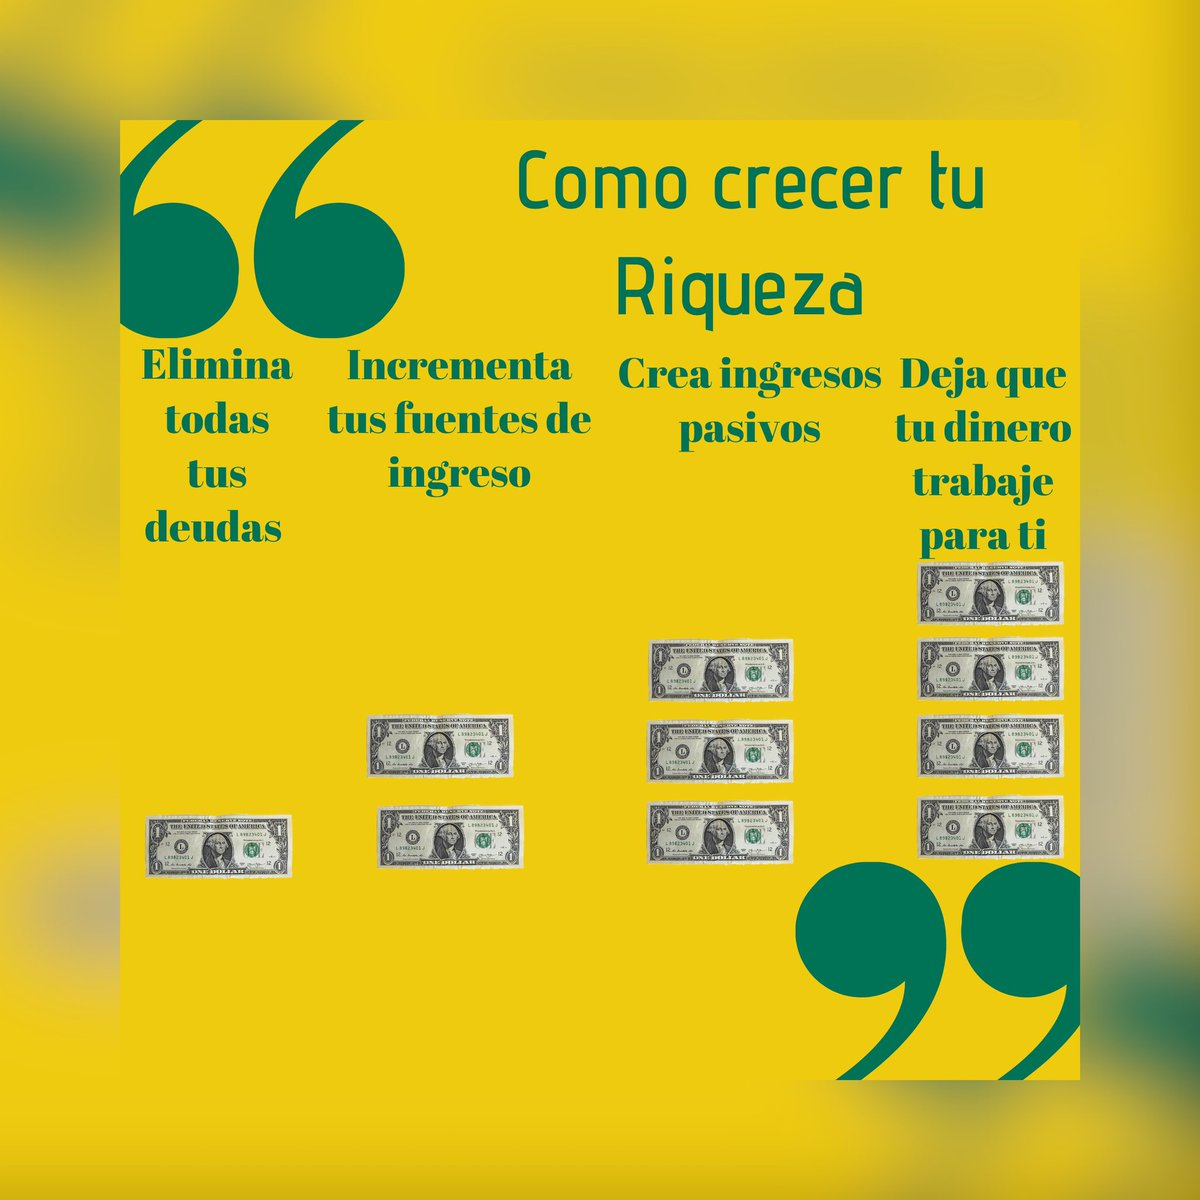 """Tip del día """"Como crecer tu Riqueza"""" #finance #finanzas #finanzaspersonales #finanzasinteligentes #blogfinanceworldtoday #financeworldtoday #exito #tips #tipoftheday https://t.co/BGOnxFaPIp"""